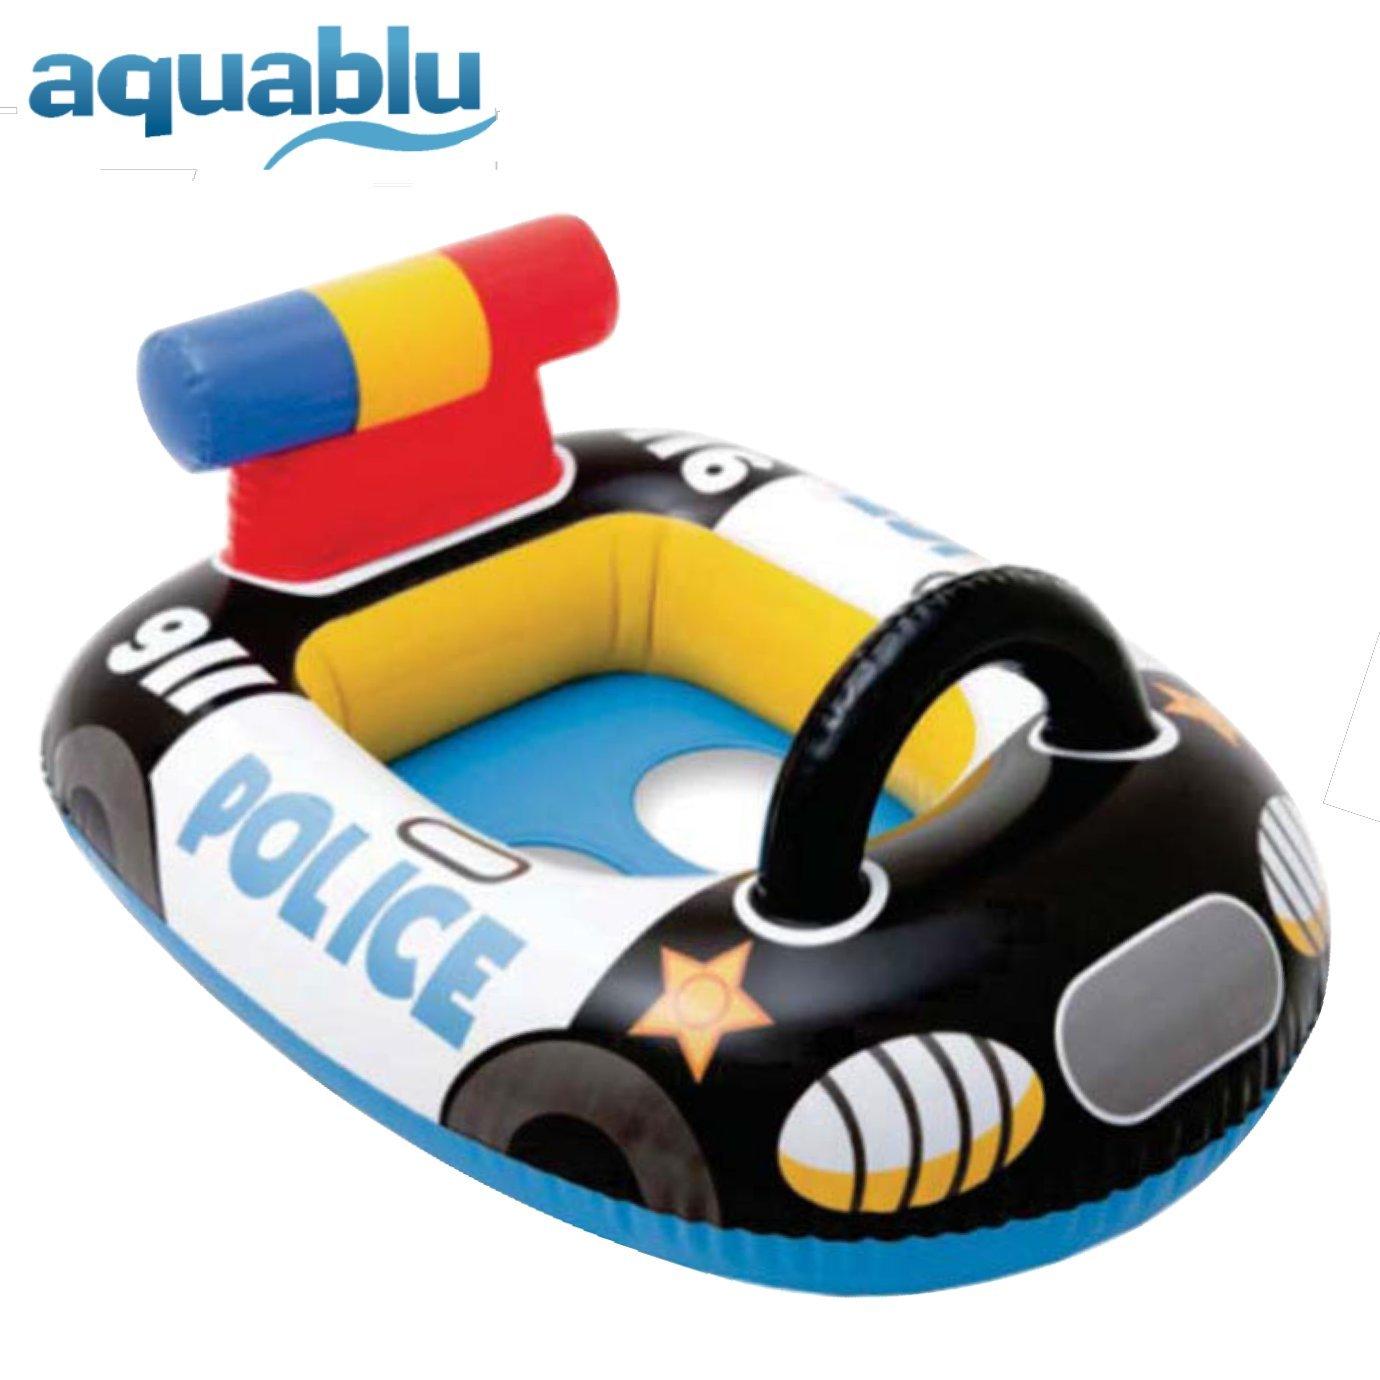 Amazon.com: Aquablu - Asiento hinchable de verano para ...